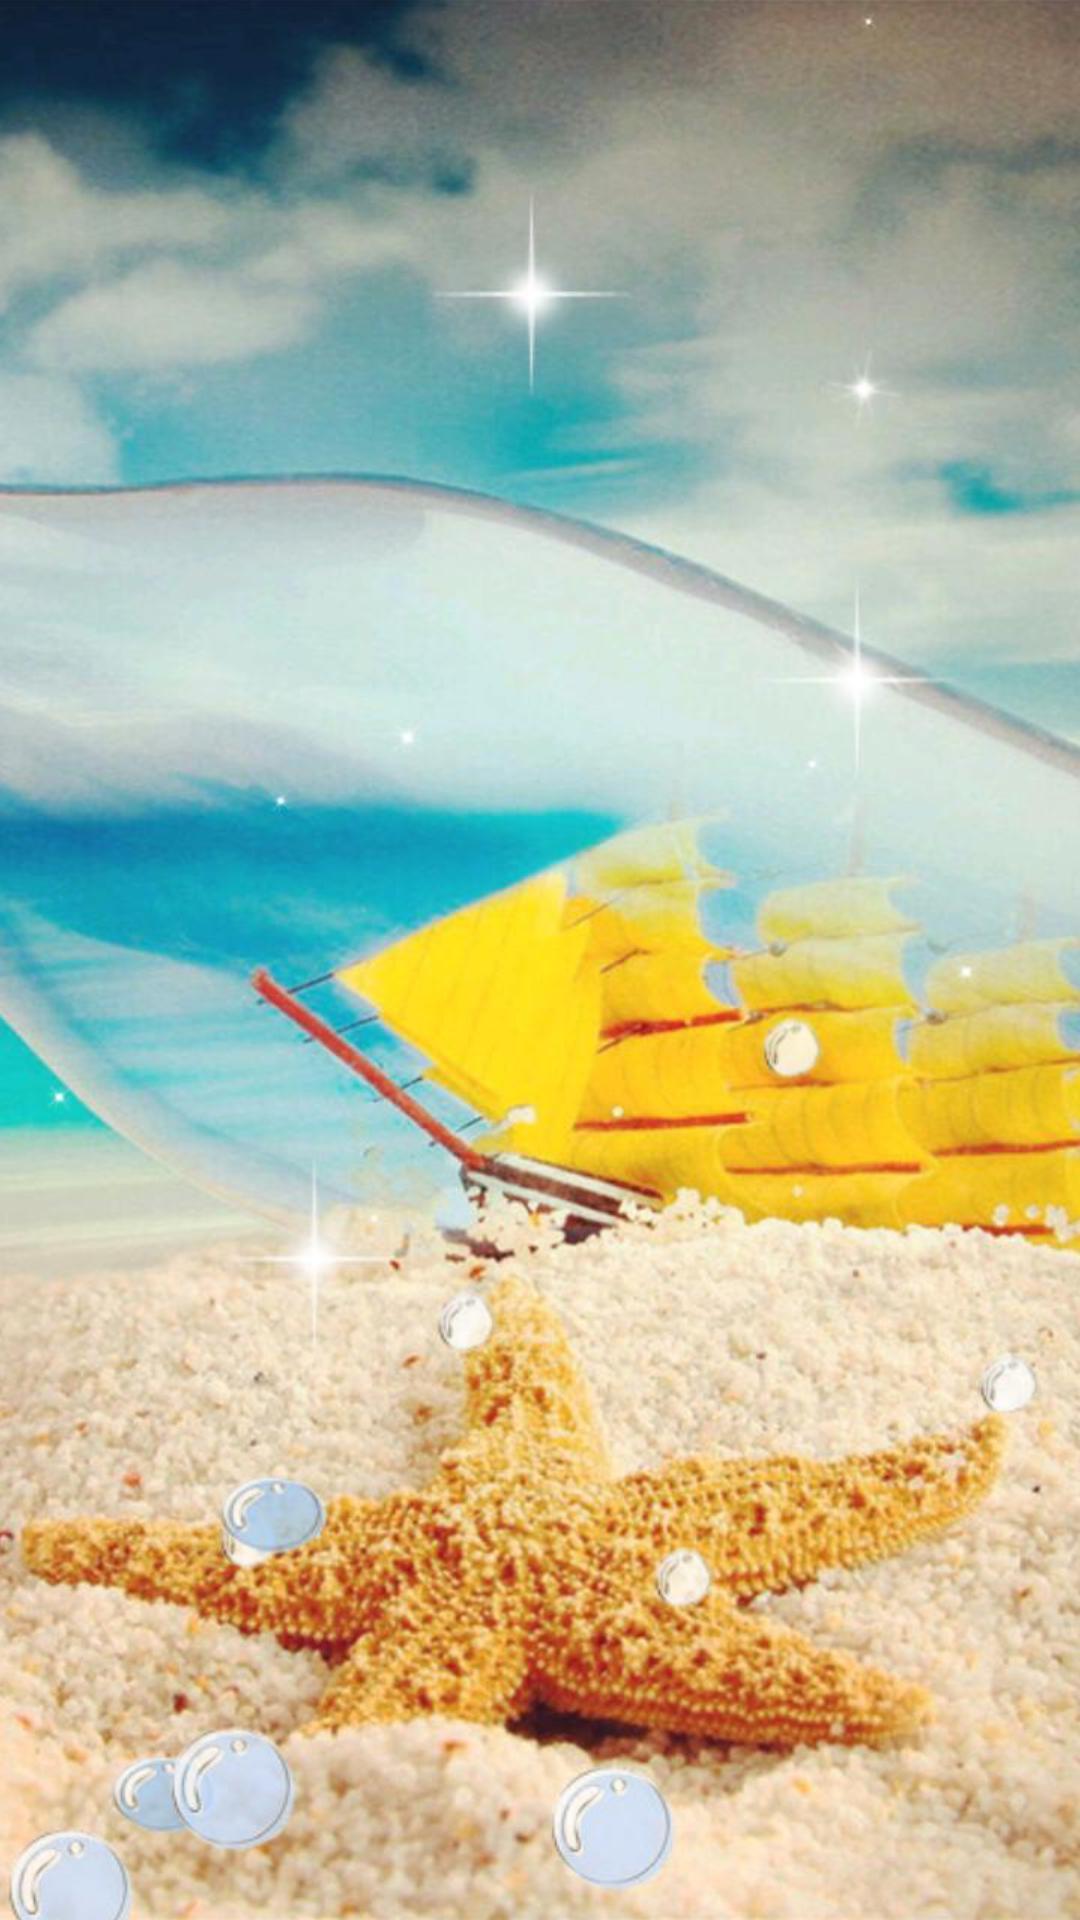 回忆的漂流瓶主题动态壁纸 v3.